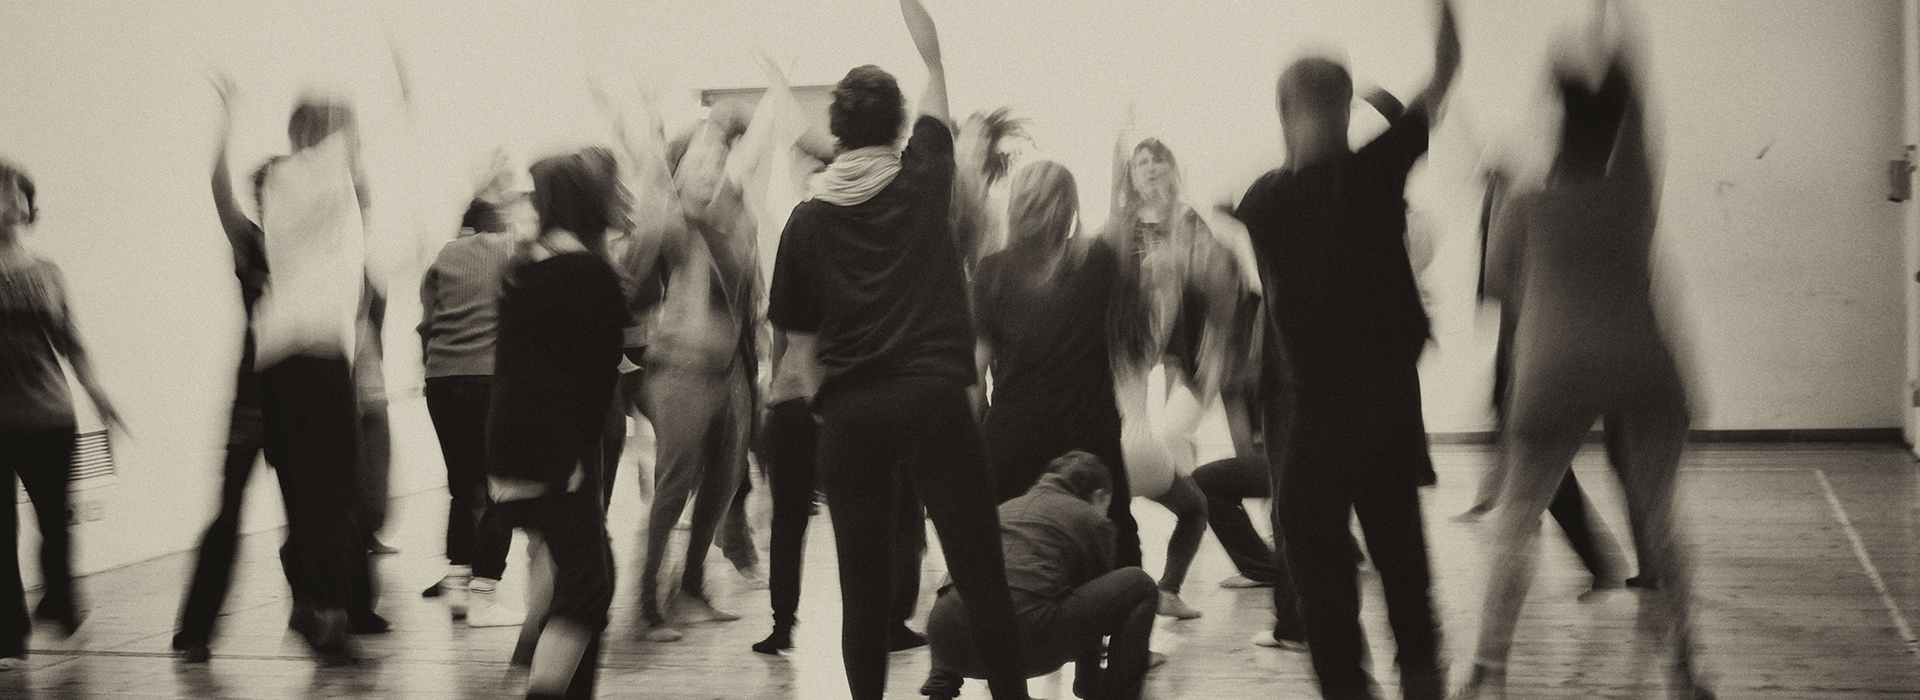 danzaterapia_banner